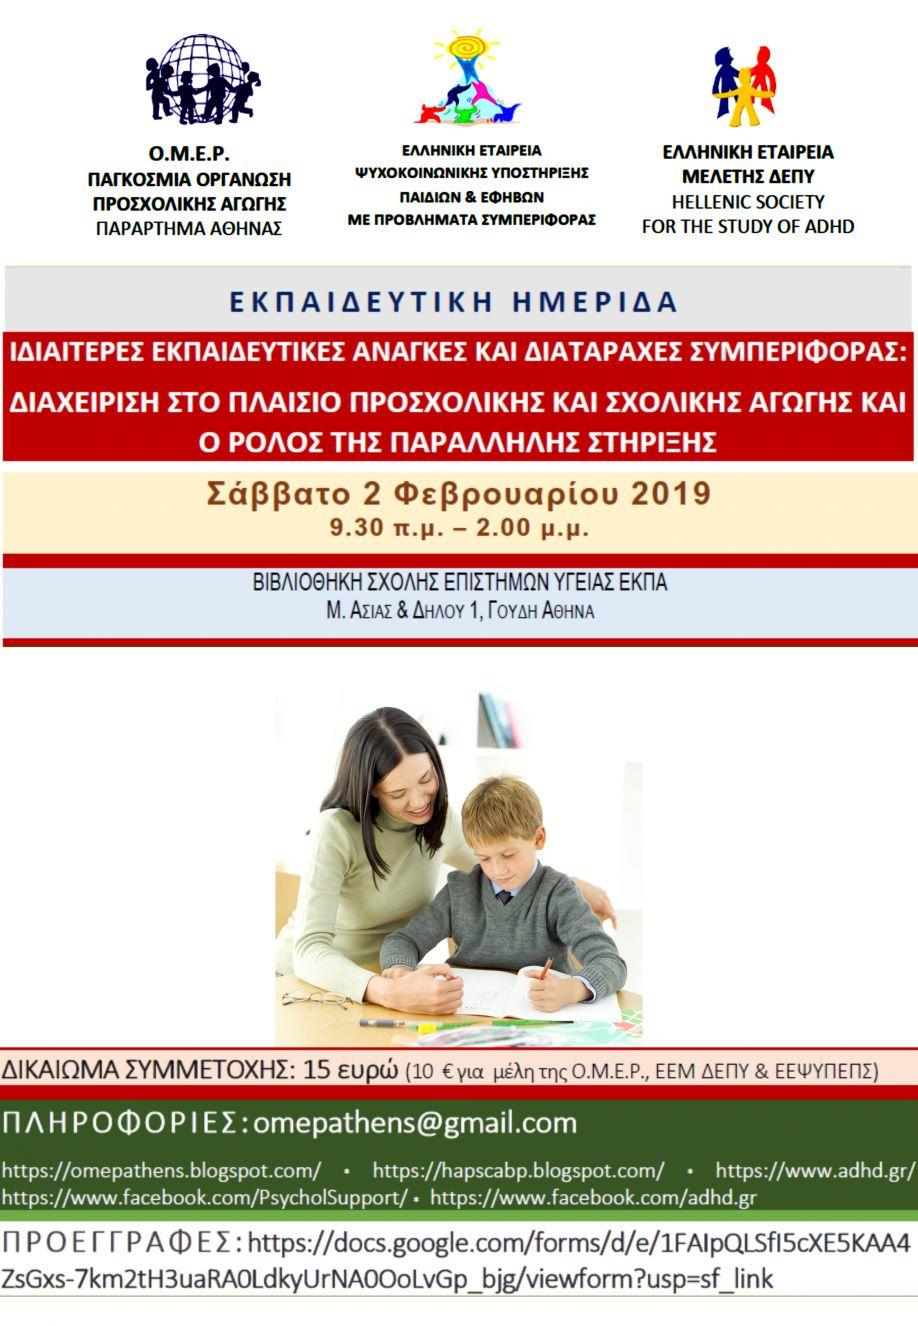 """Αθήνα: Ημερίδα """"Ιδιαίτερες εκπαιδευτικές ανάγκες και διαταραχές συμπεριφοράς: Διαχείριση στο πλαίσιο προσχολικής και σχολικής αγωγής και ο ρόλος της παράλληλης στήριξης"""""""